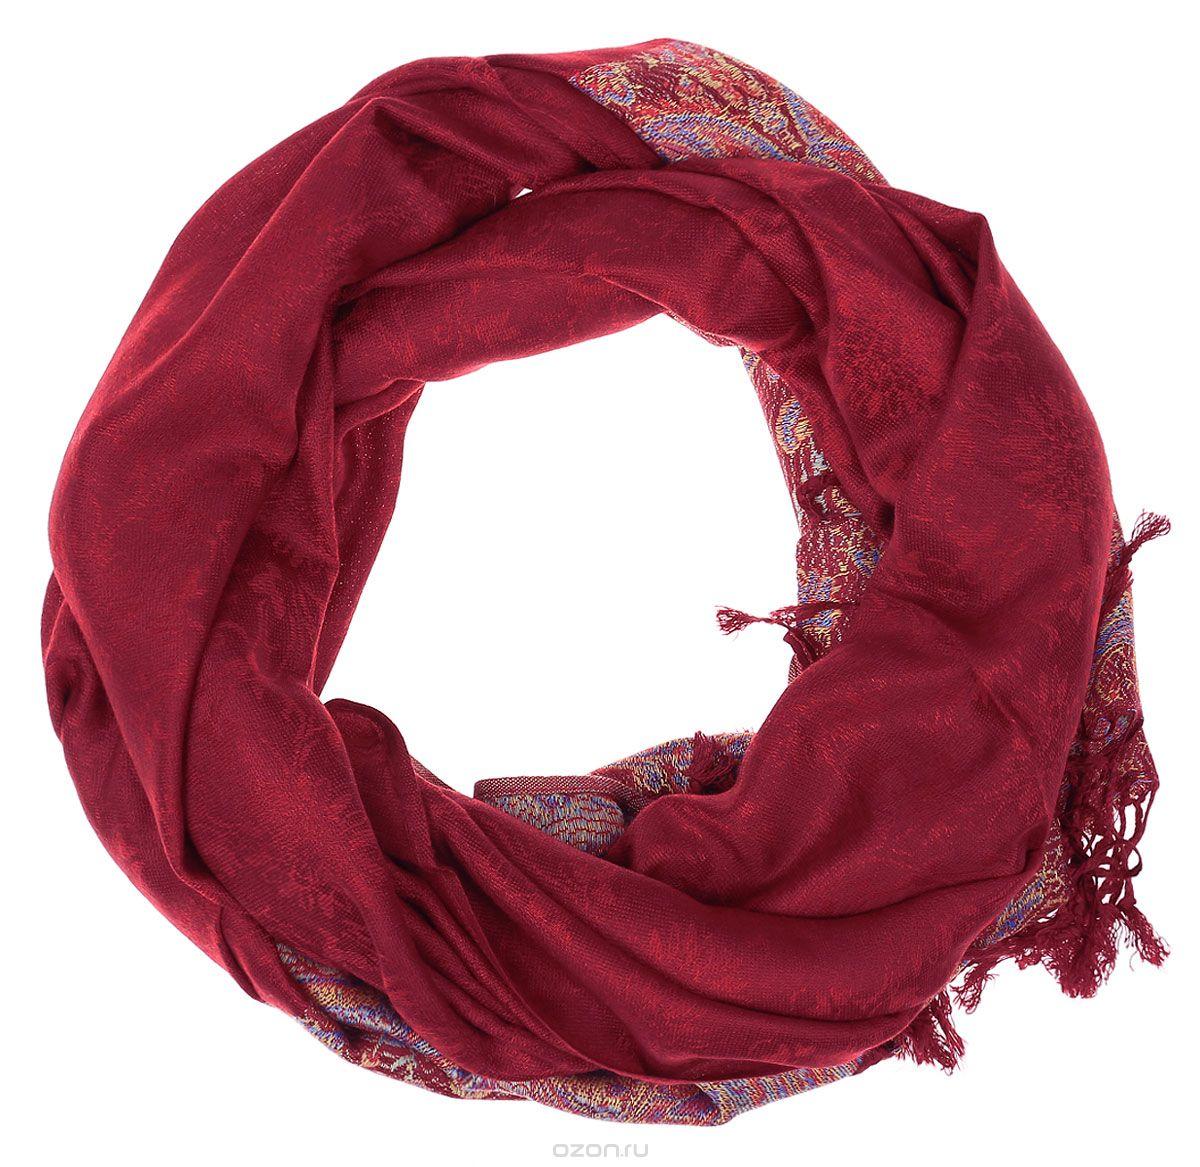 Палантин женский Vitta pelle, цвет: красный. Ro04PC3668/1. Размер 90 см х 180 смRo04PC3668/1Палантин женский Vitta pelle выполнен из качественного материала. Модель оформлена оригинальным принтом.